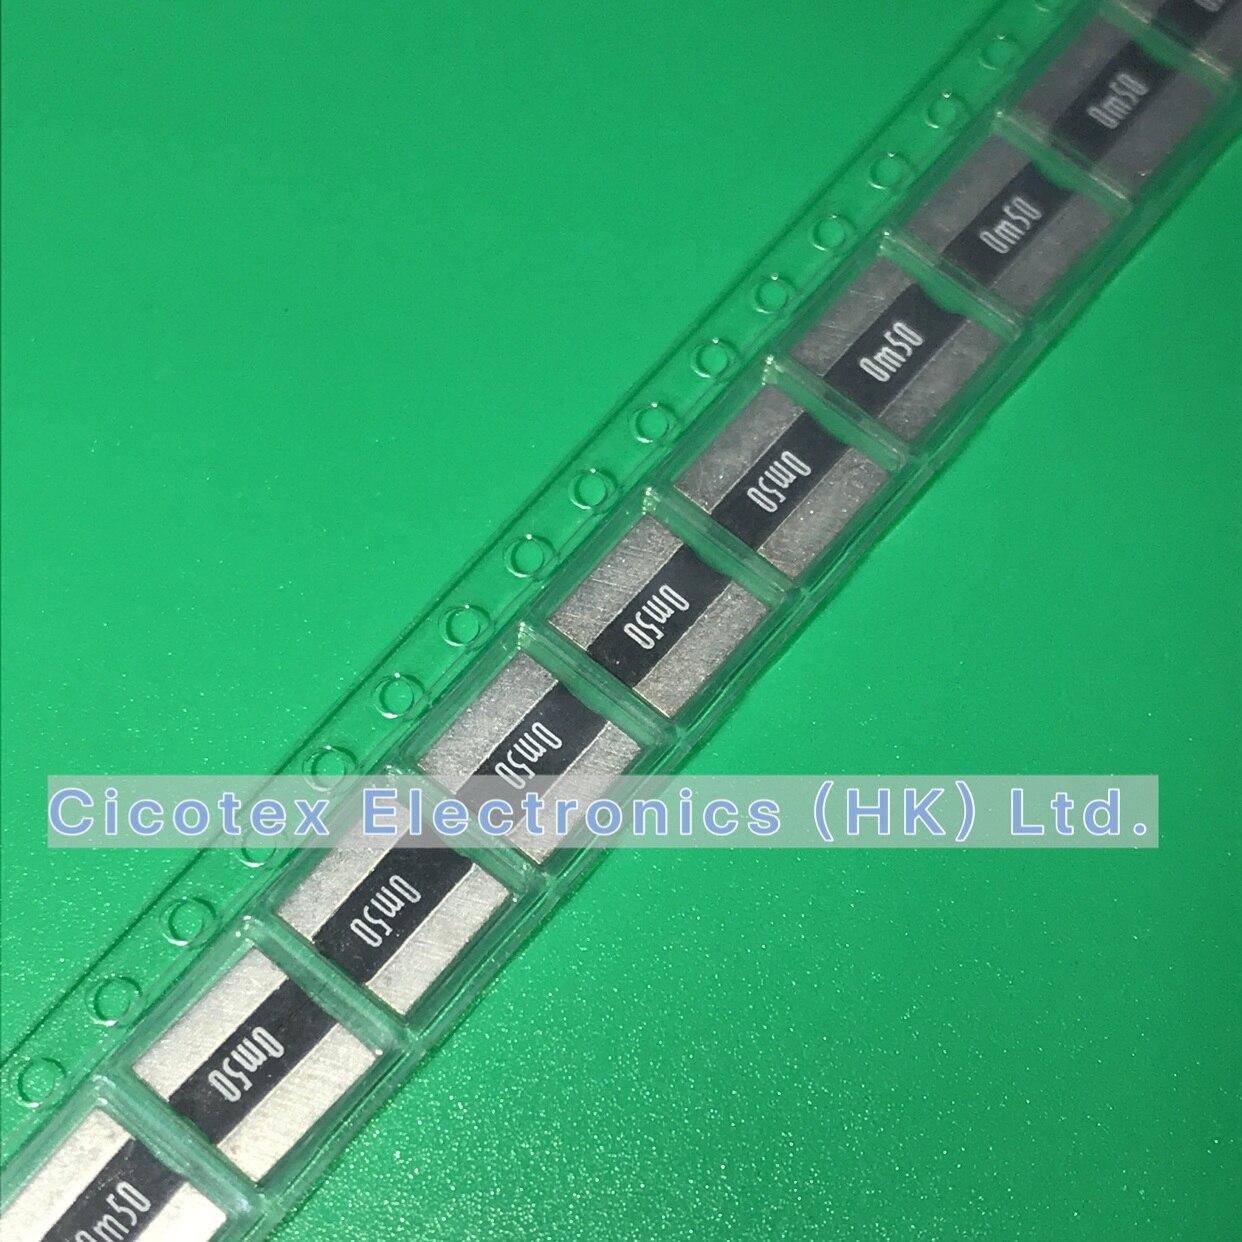 10 unids/lote LR2725-24R0005F1 SMD LR 2725-24 R0005F1 4W 1% R0005 0.0005R 0.5MR 0m50 LR2725 LR272524R0005F1 2725-0.0005RF